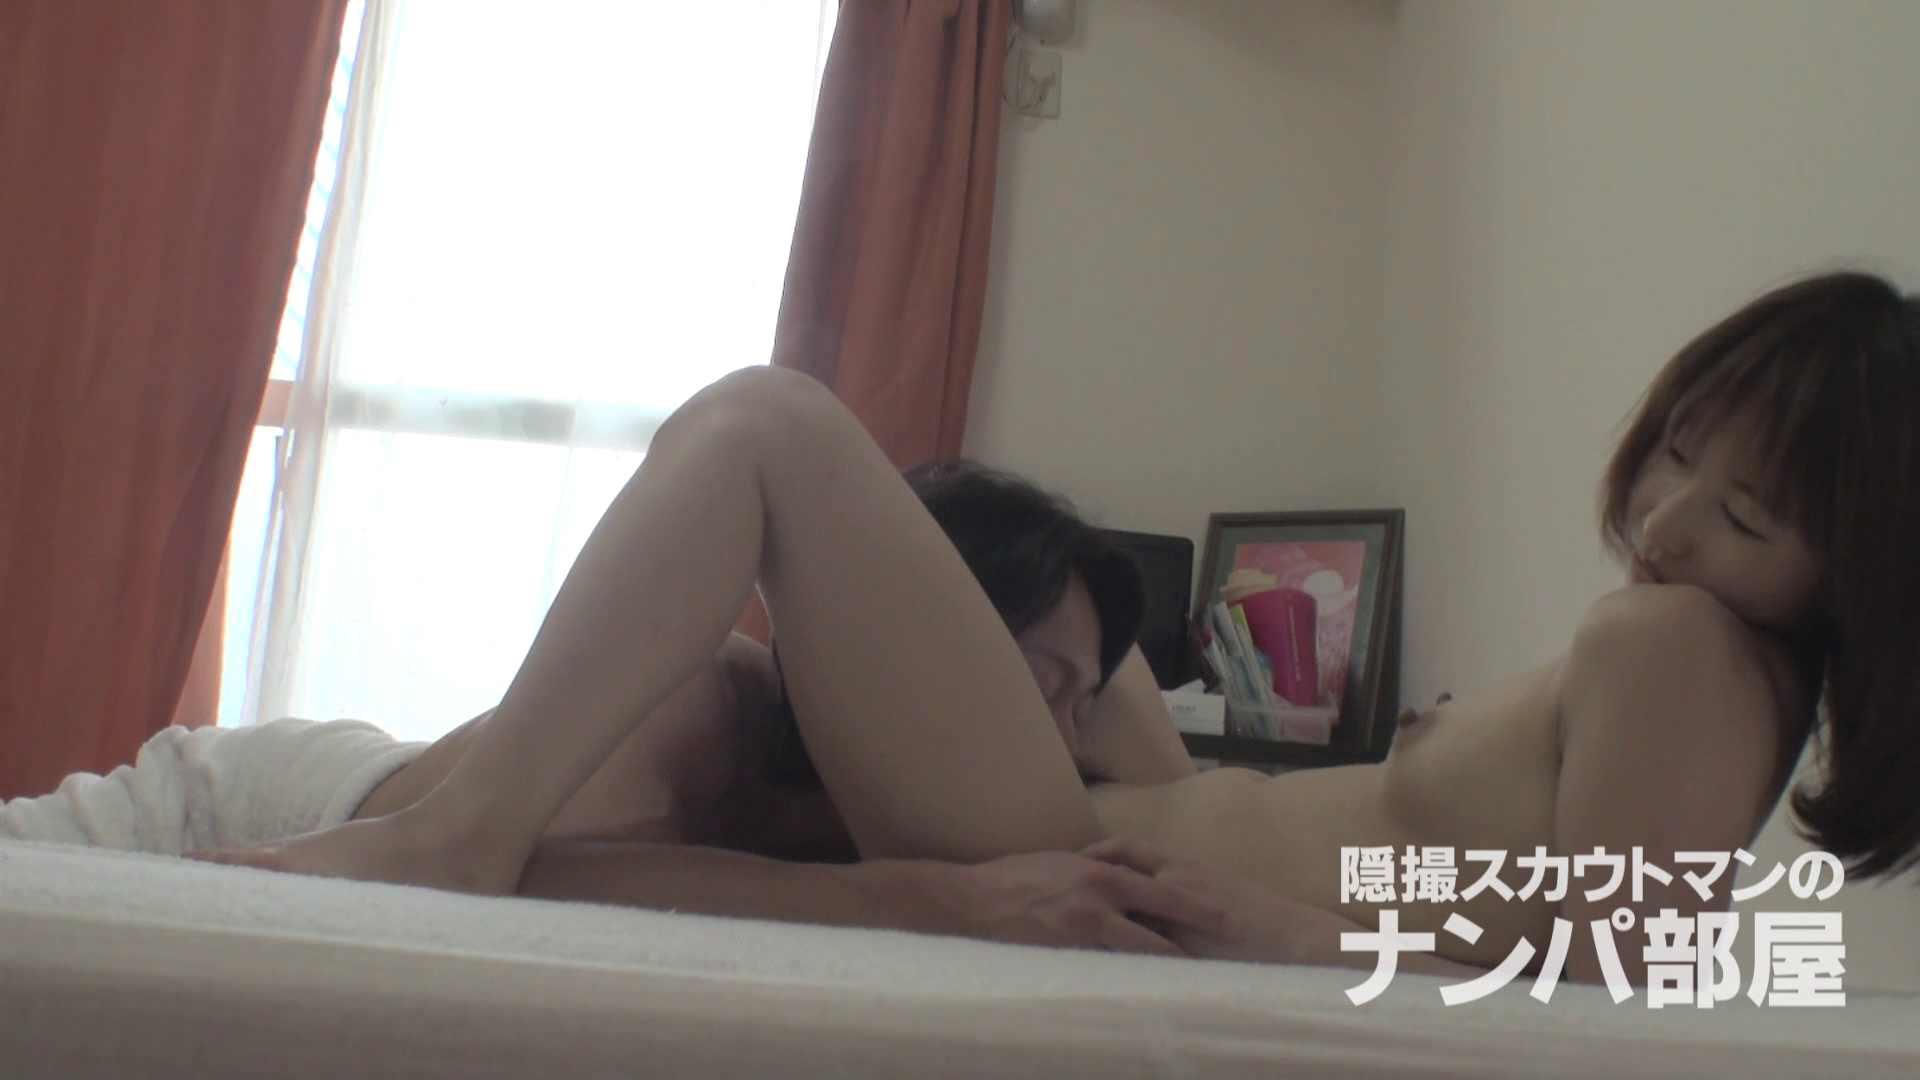 隠撮スカウトマンのナンパ部屋~風俗デビュー前のつまみ食い~ sii 隠撮  84連発 73